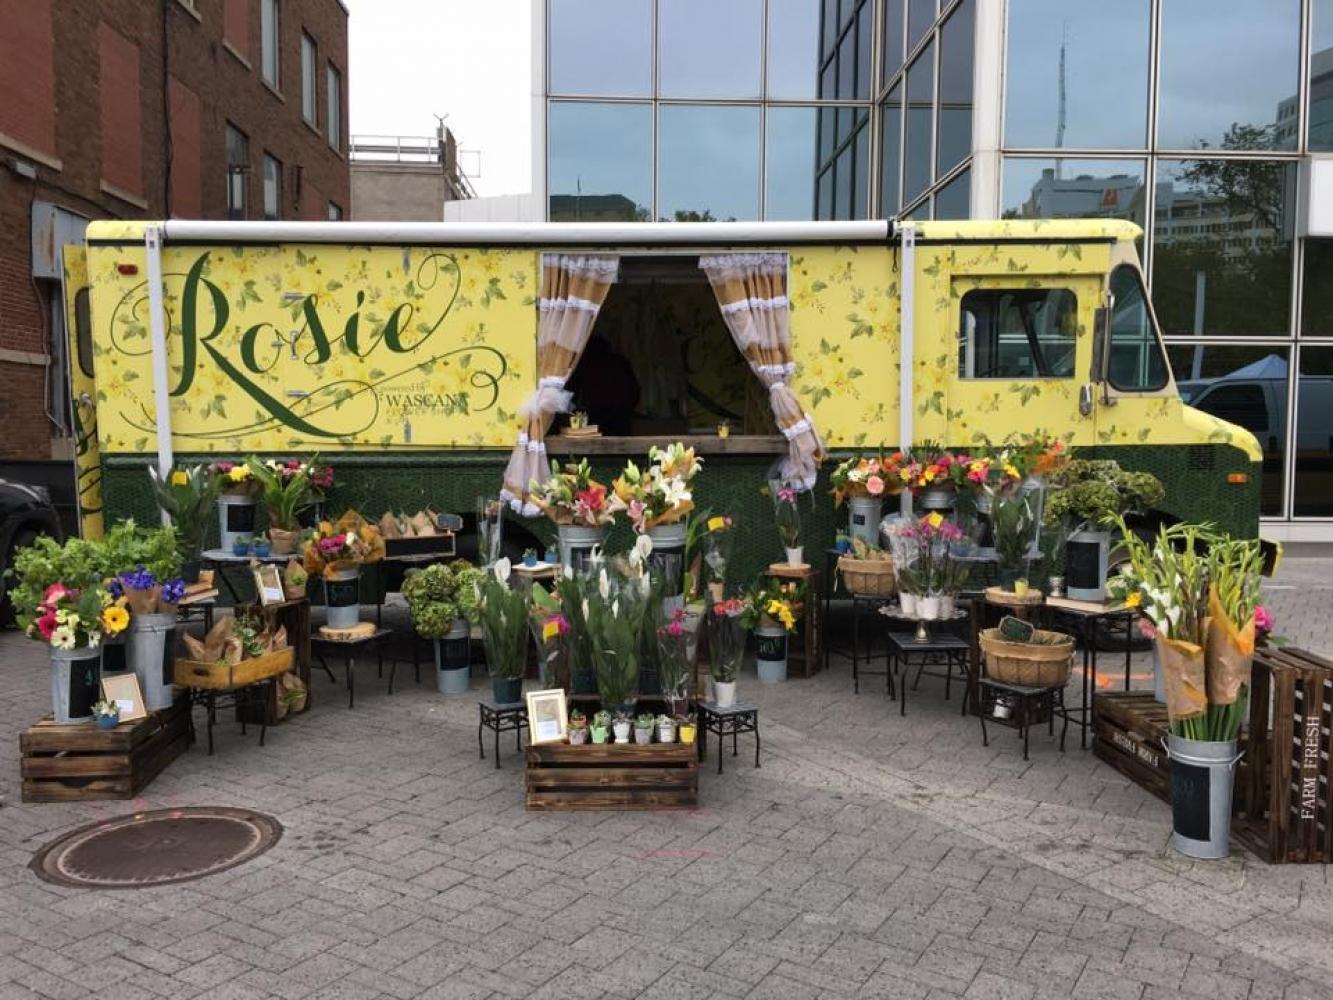 Vendor Spotlight: Rosie the Flower Truck